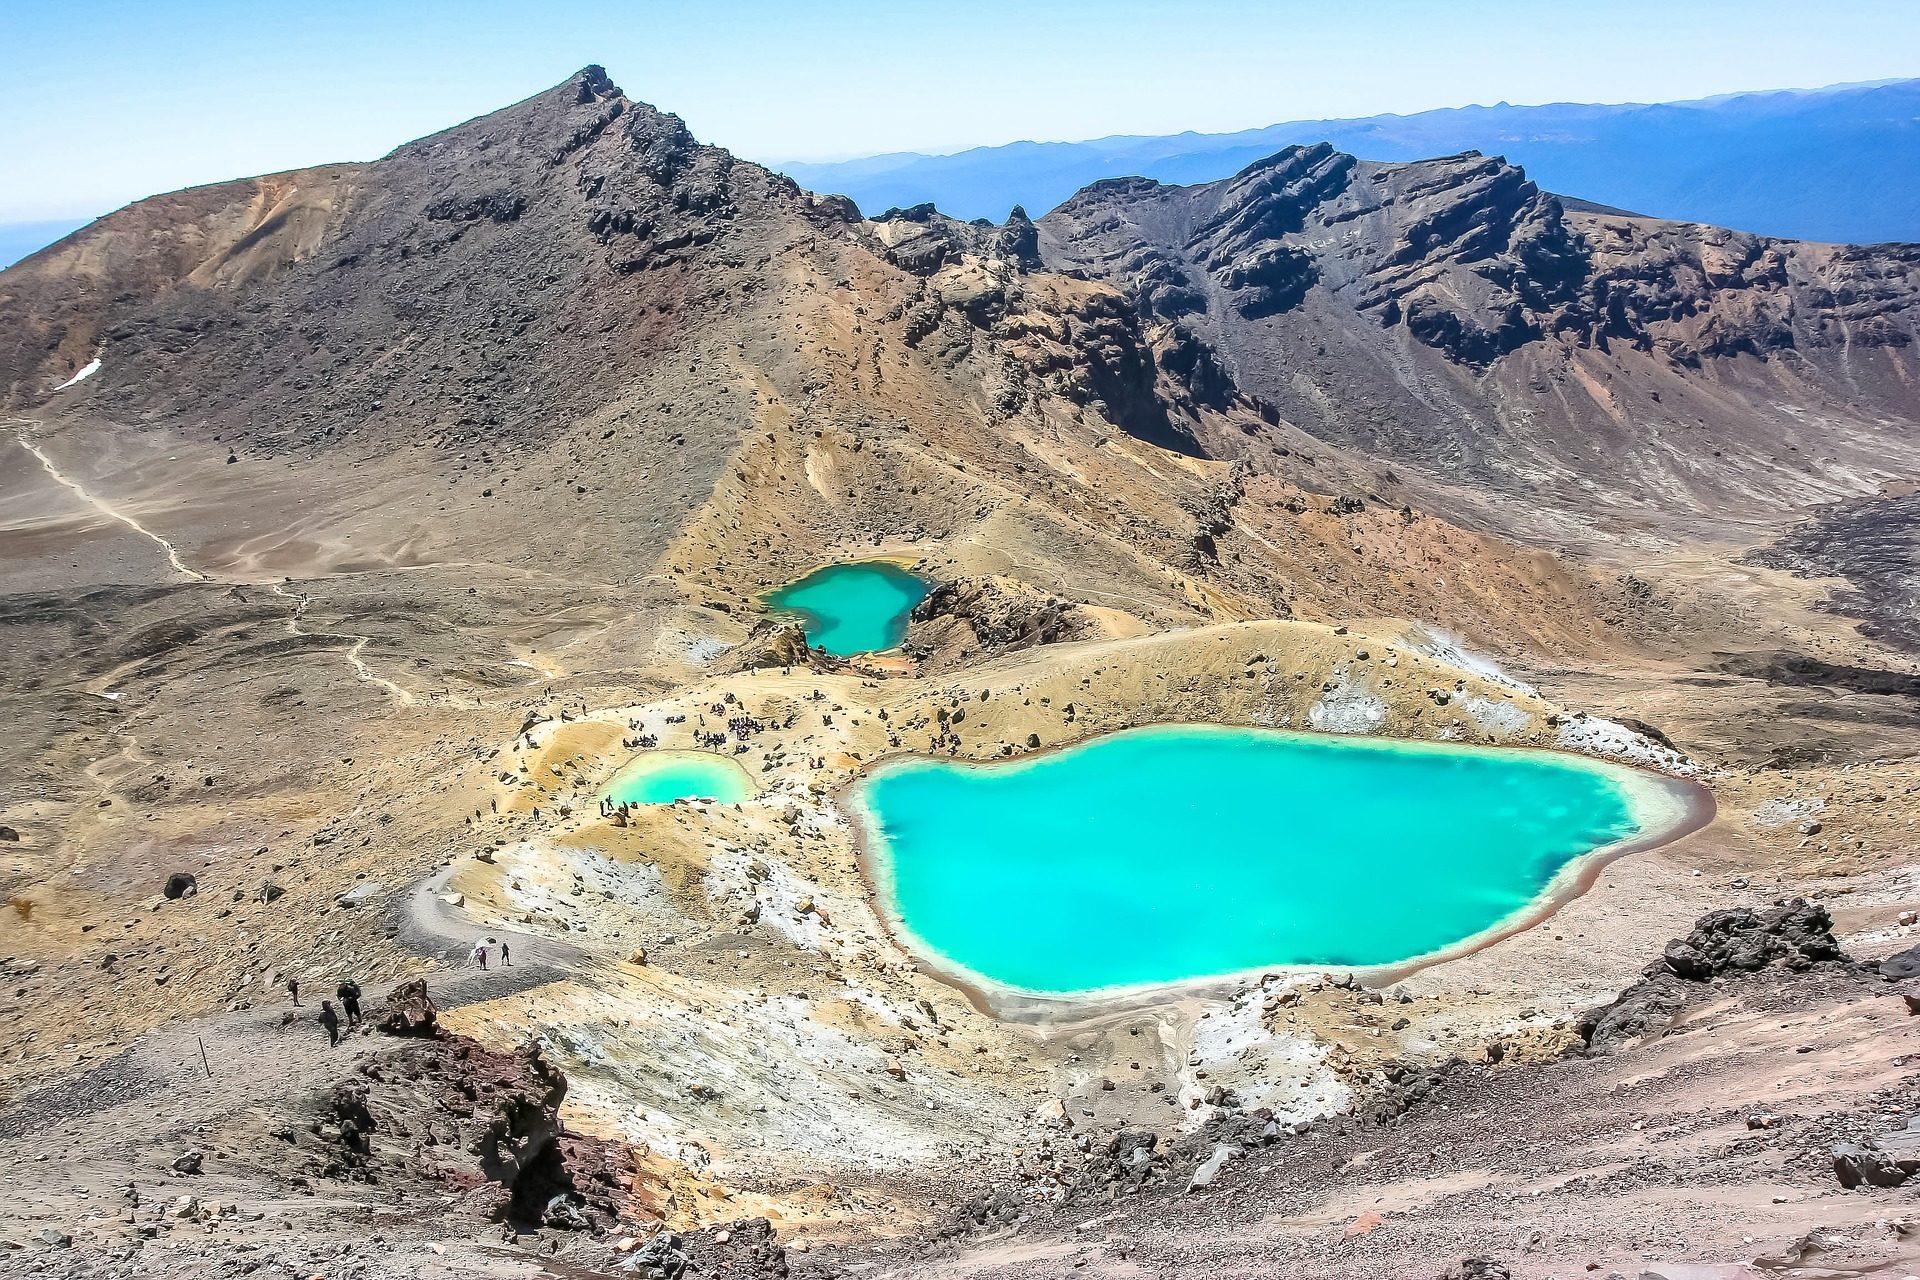 Montañas, 湖泊, 绿松石, 沙漠, 游客 - 高清壁纸 - 教授-falken.com